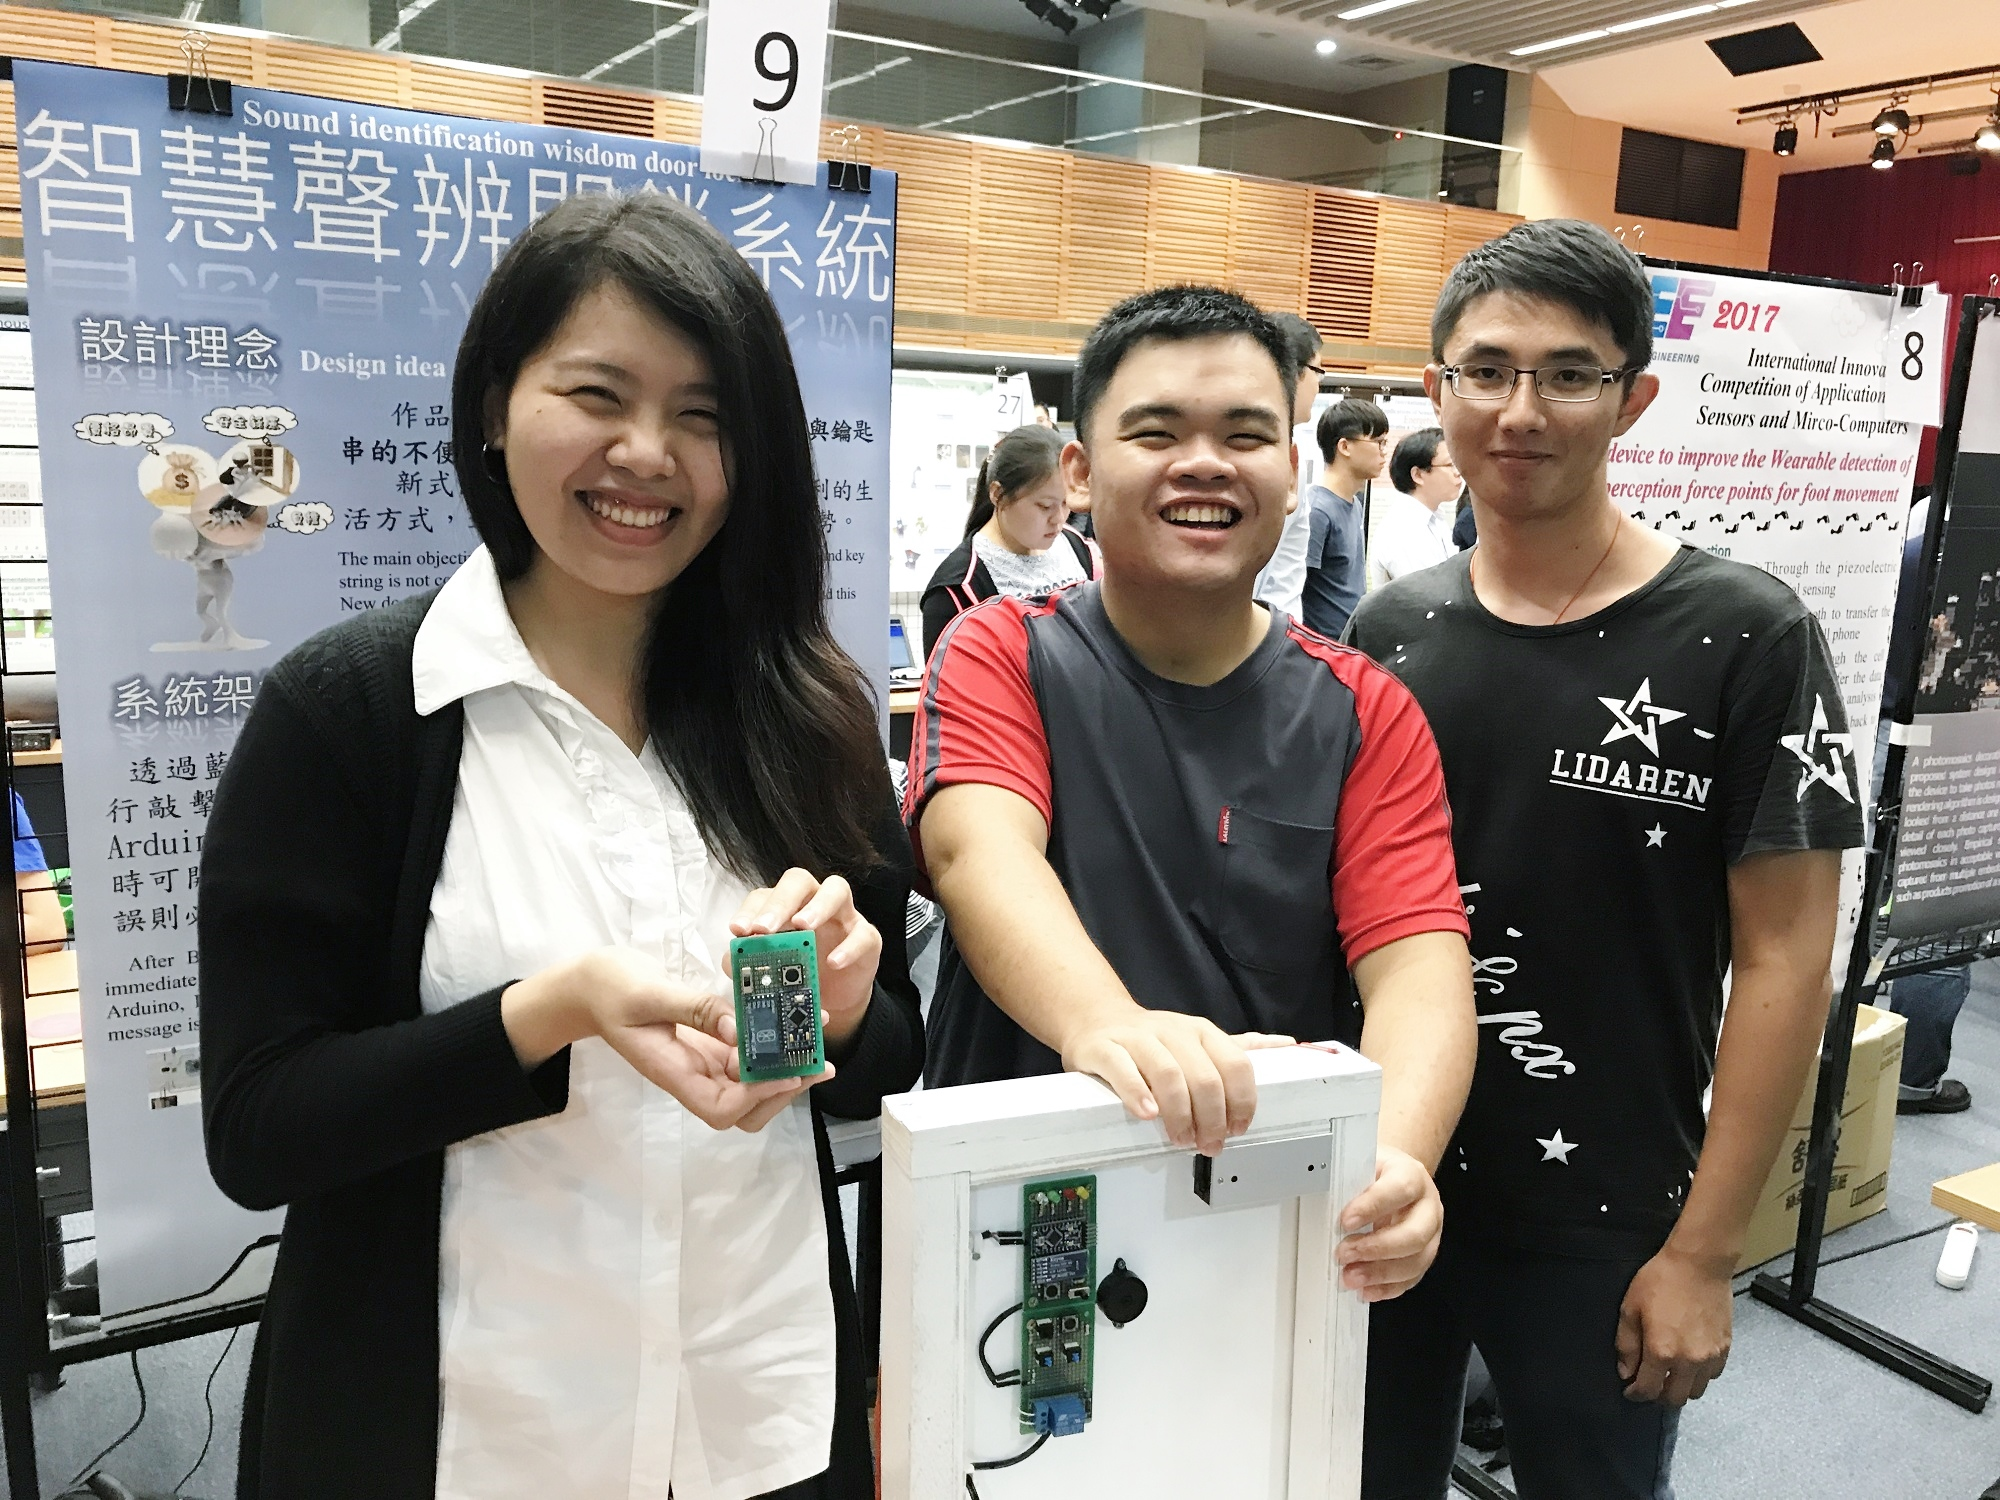 通稿照片6-參賽主題為「智慧聲辨門鎖系統」的參賽隊伍創意名稱為「紅鯉魚與綠鯉魚與驢」.JPG